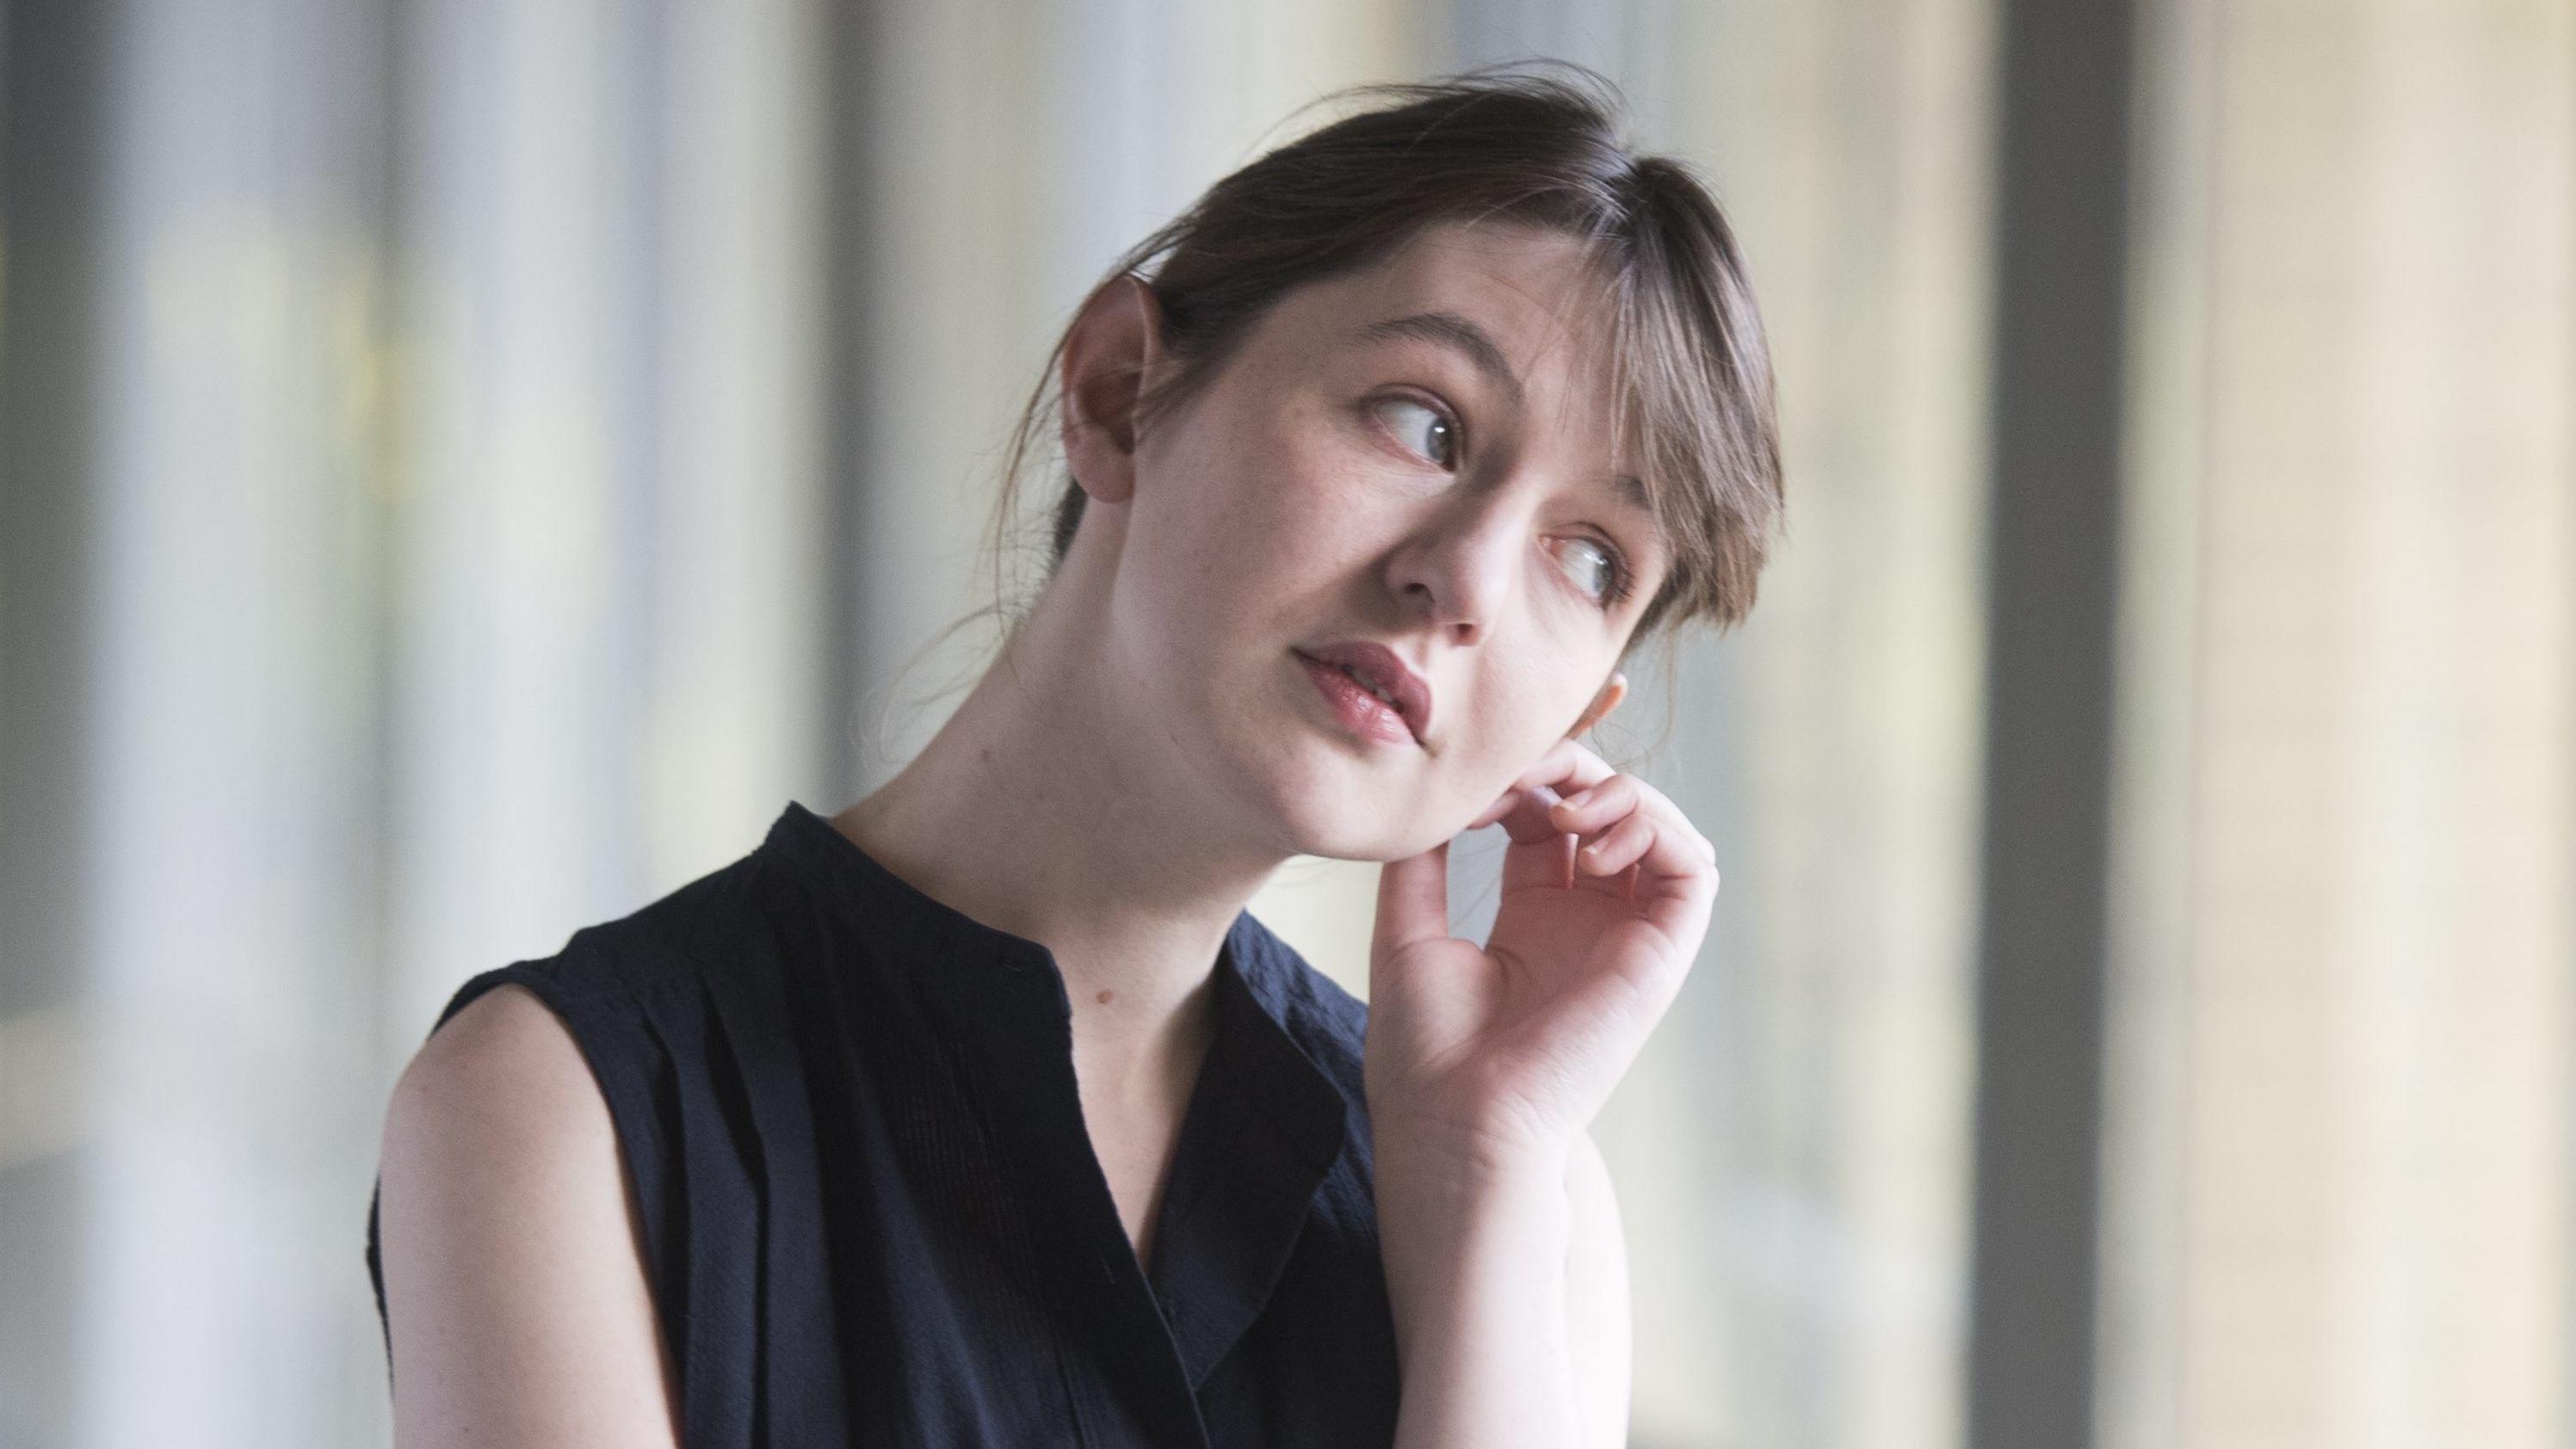 Schriftstellerin Sally Rooney greift sich mit der linken Hand ans Ohr und blickt mit seitlich geneigtem Kopf an der Kamera vorbei